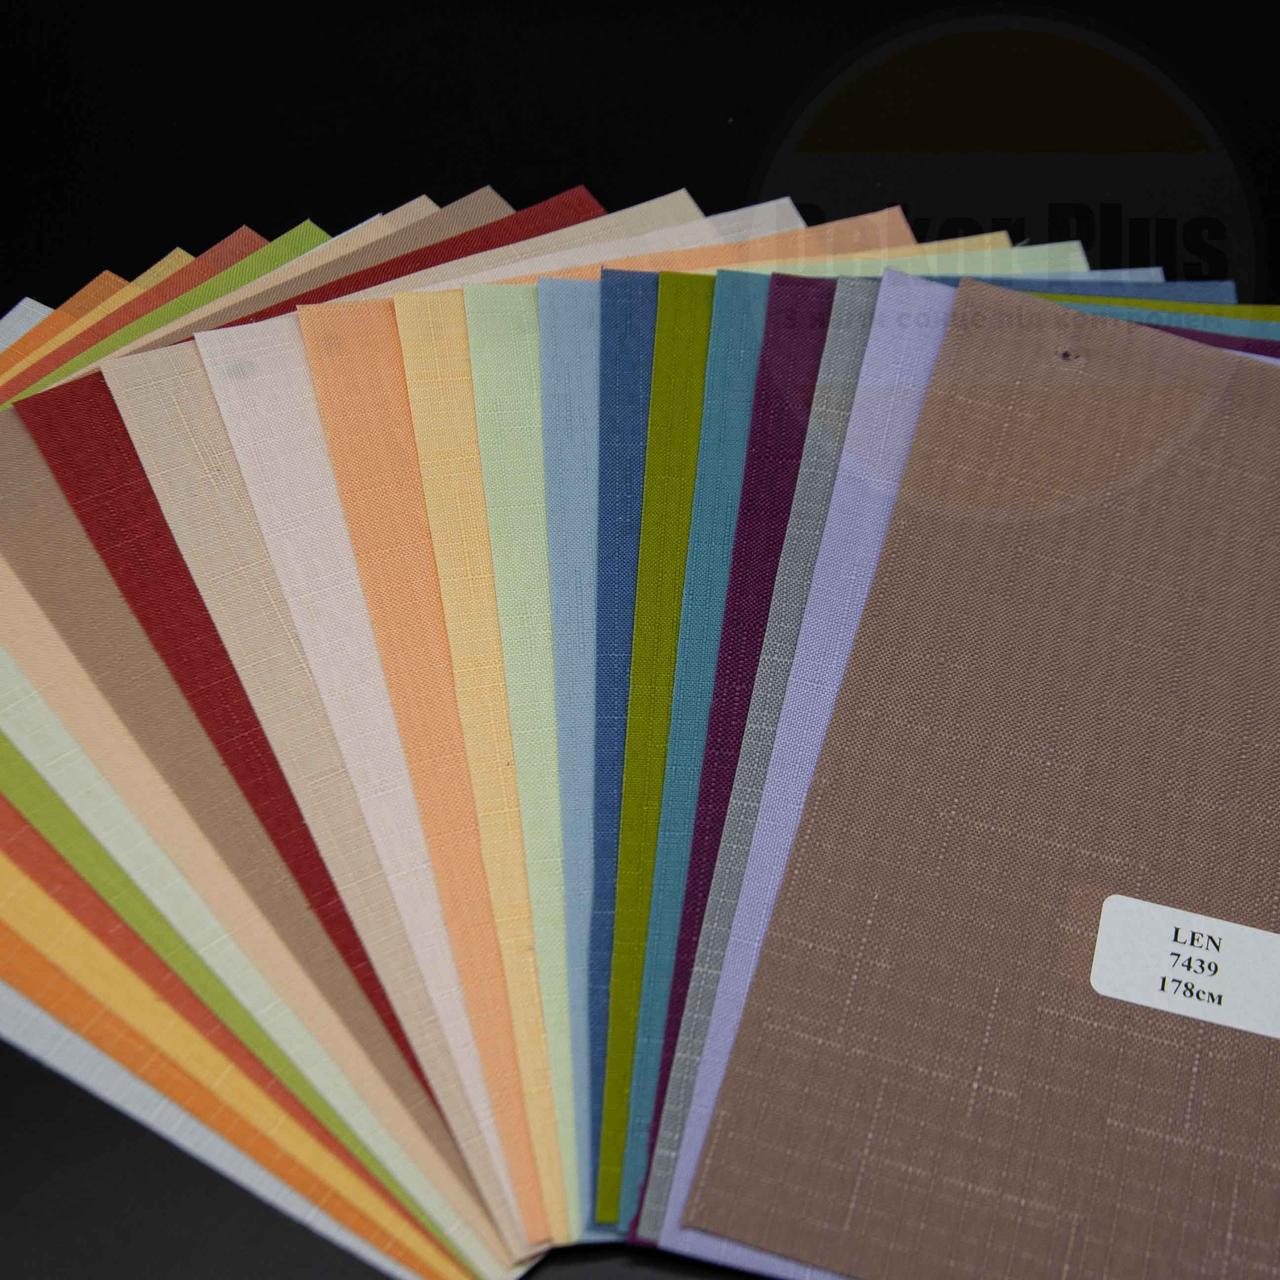 Рулонні штори Len (22 варіанта кольору)